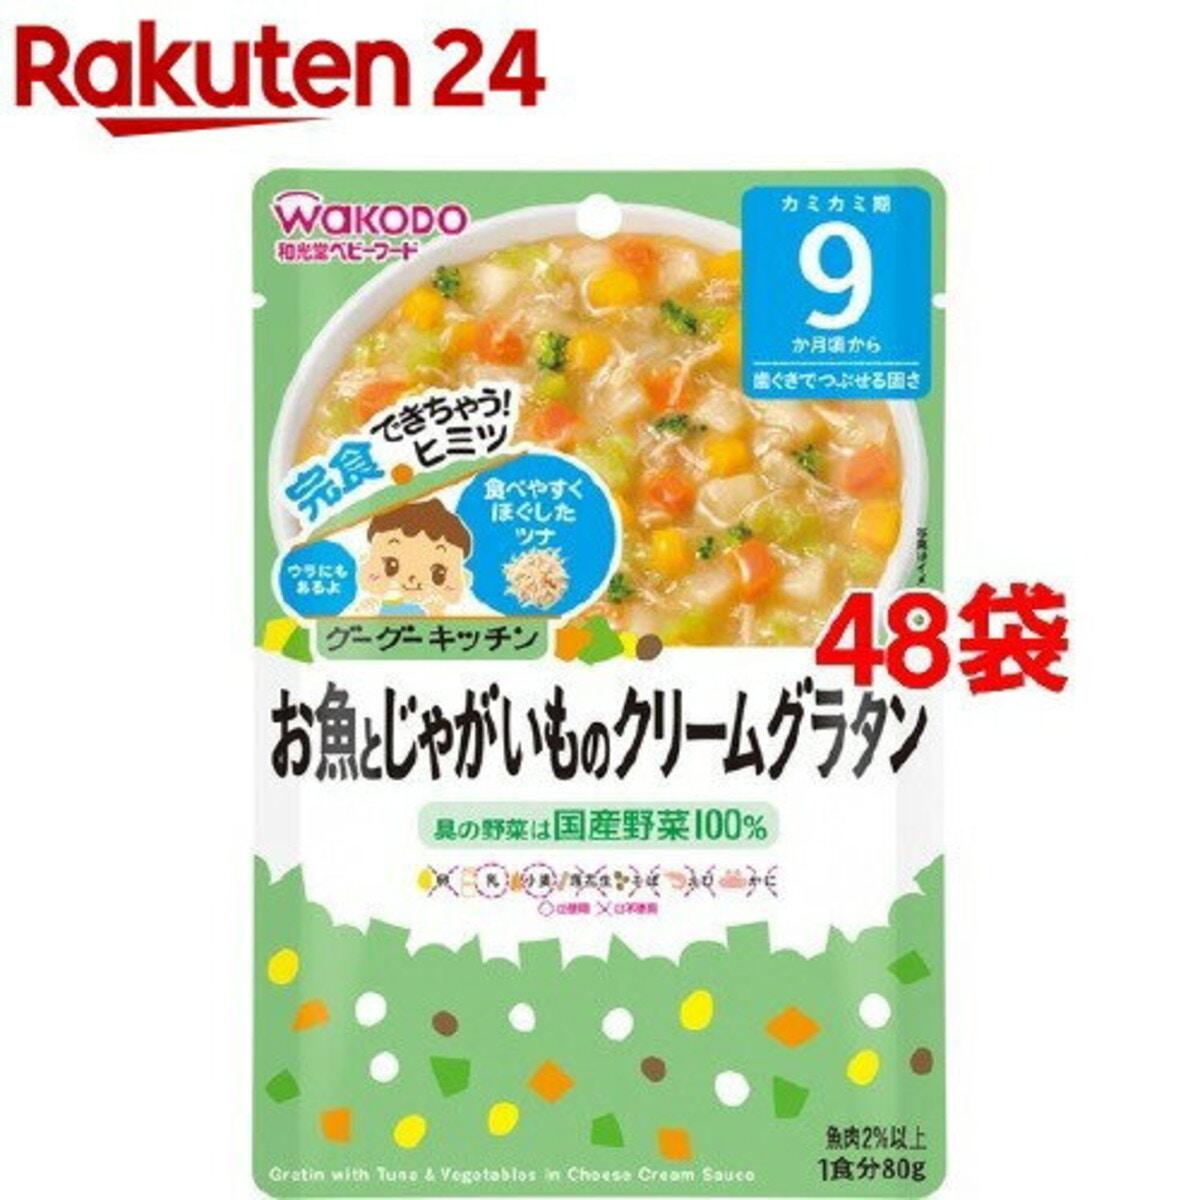 和光堂「お魚とじゃがいものクリームグラタン」